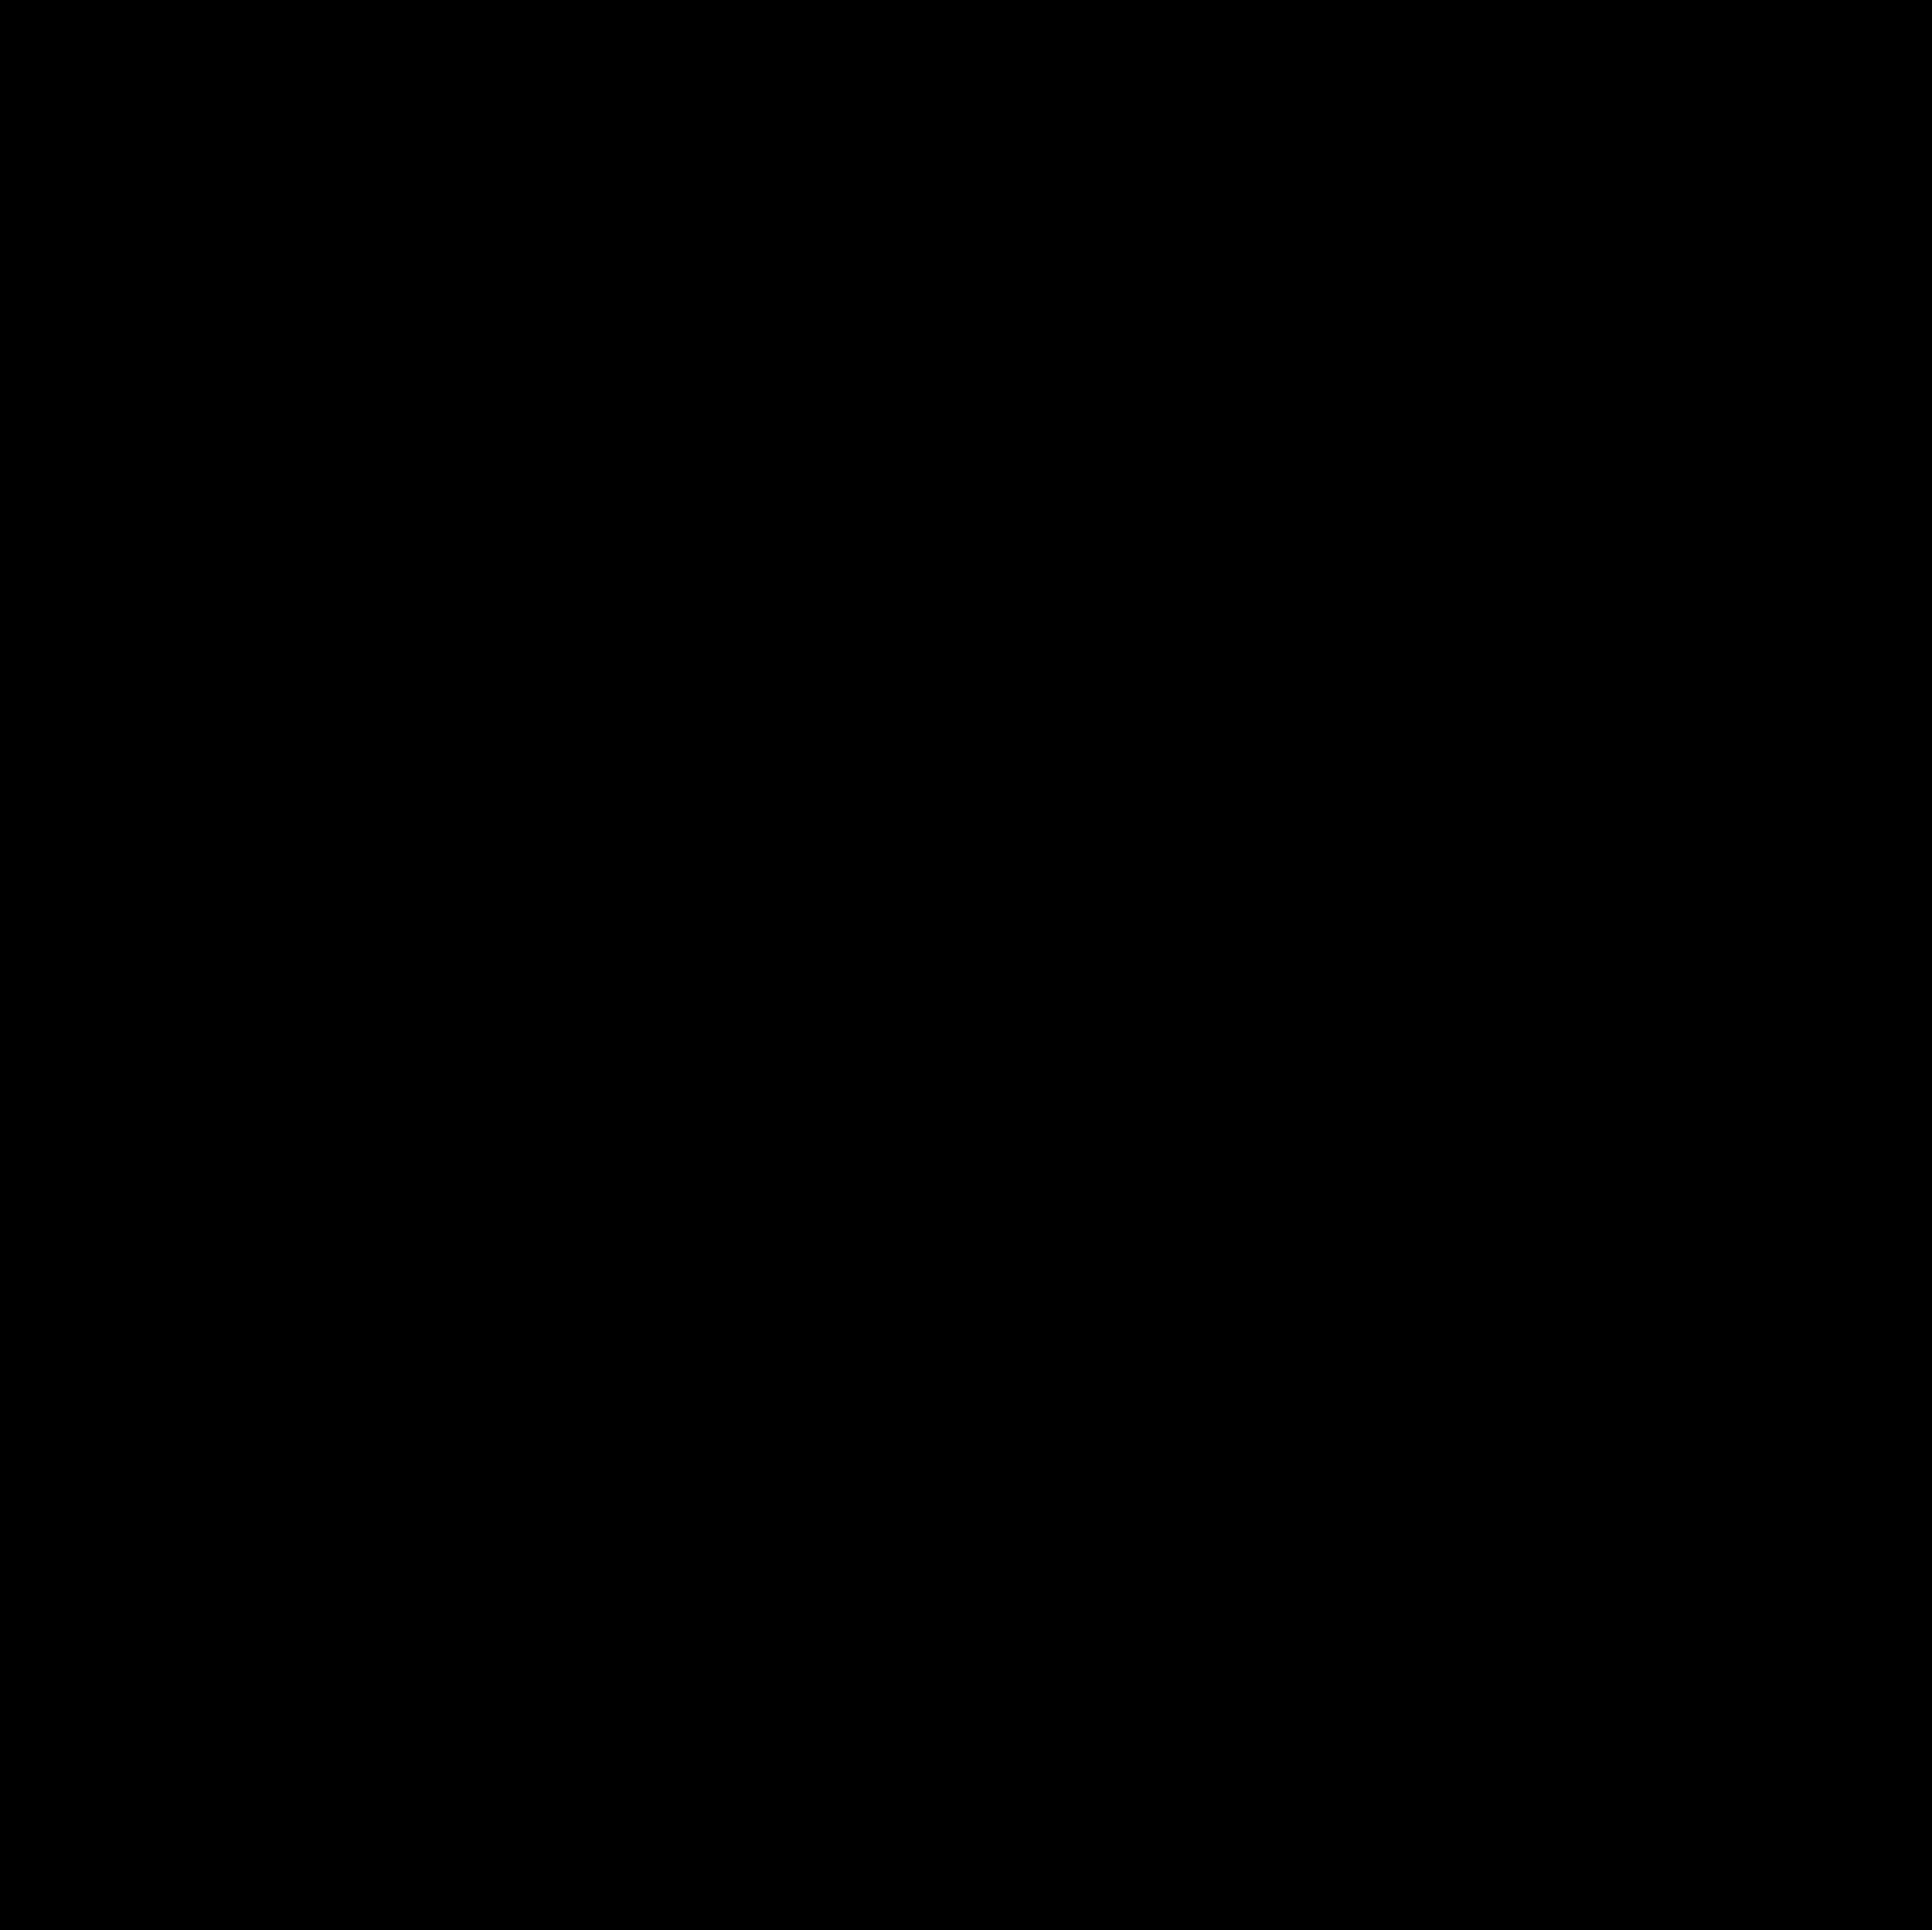 Clipart decorative yin yang